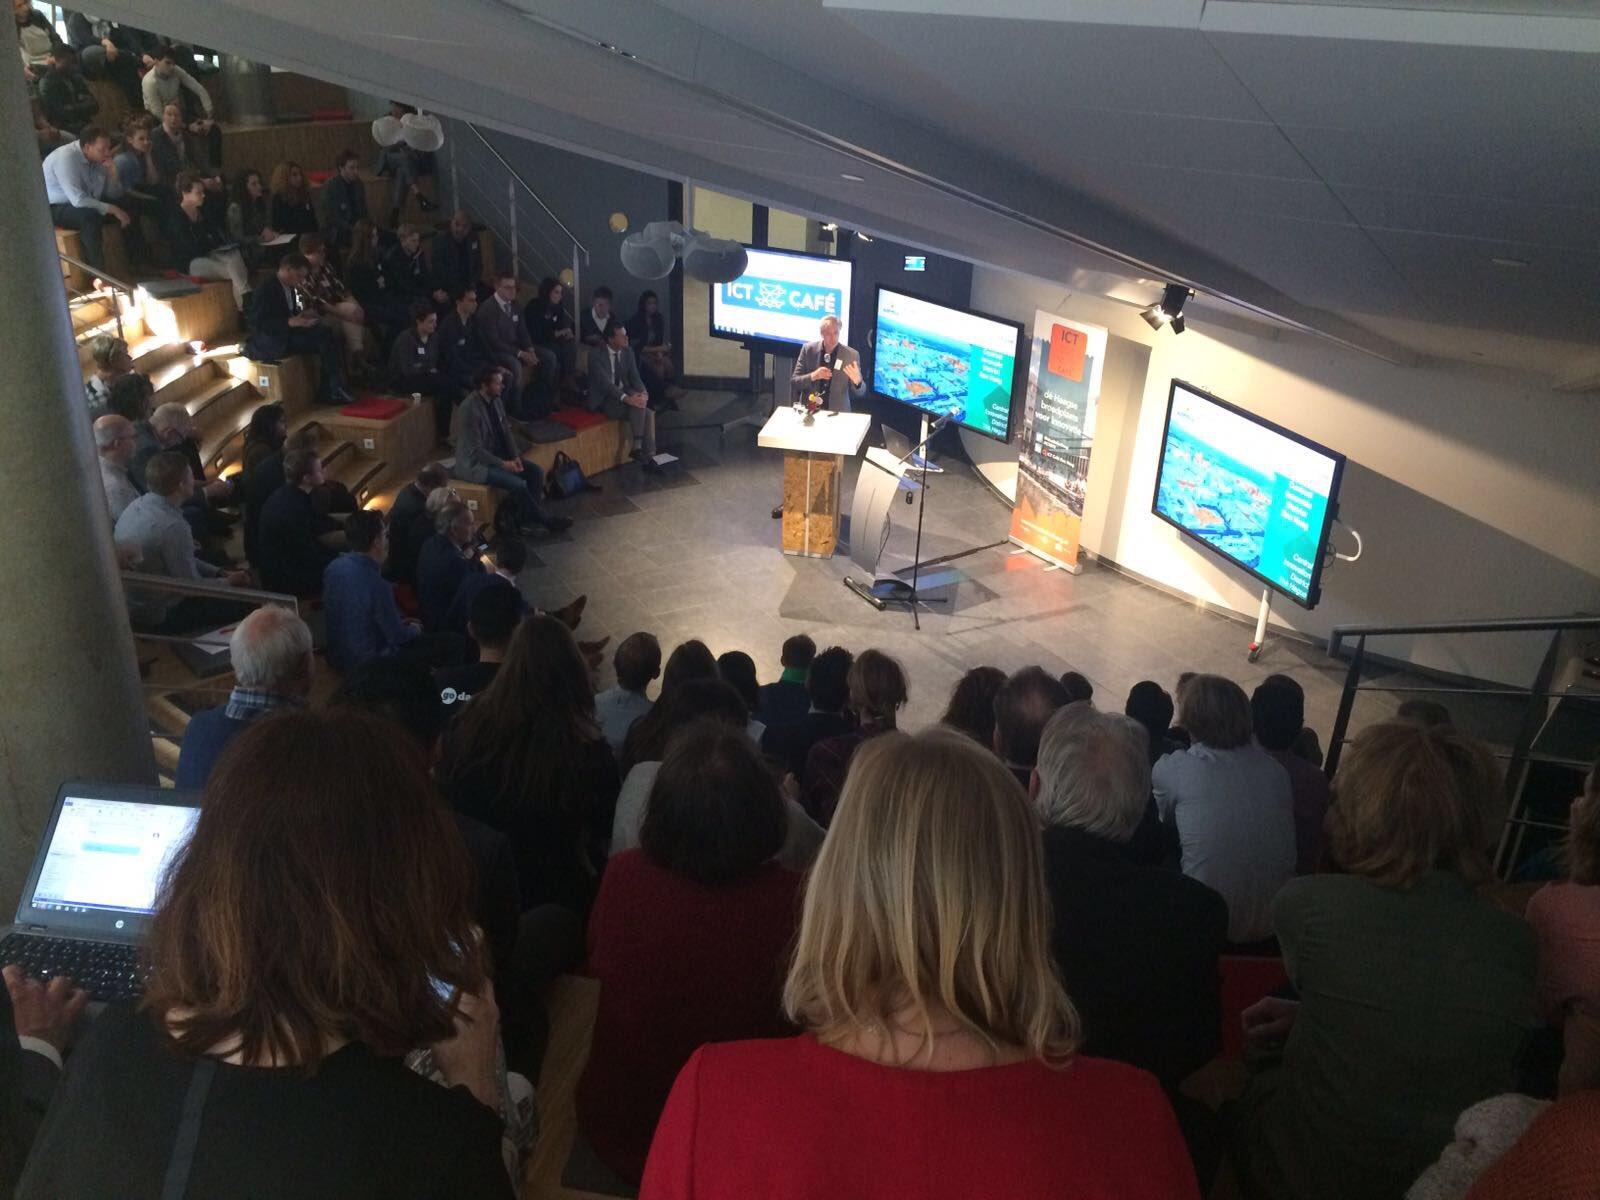 Erik Pasveer boeit het publiek met zijn verhaal over #DenHaag stad in transitie, waarin hij het Central Innovation District toelicht #ICT070 https://t.co/GgcXxbywGa